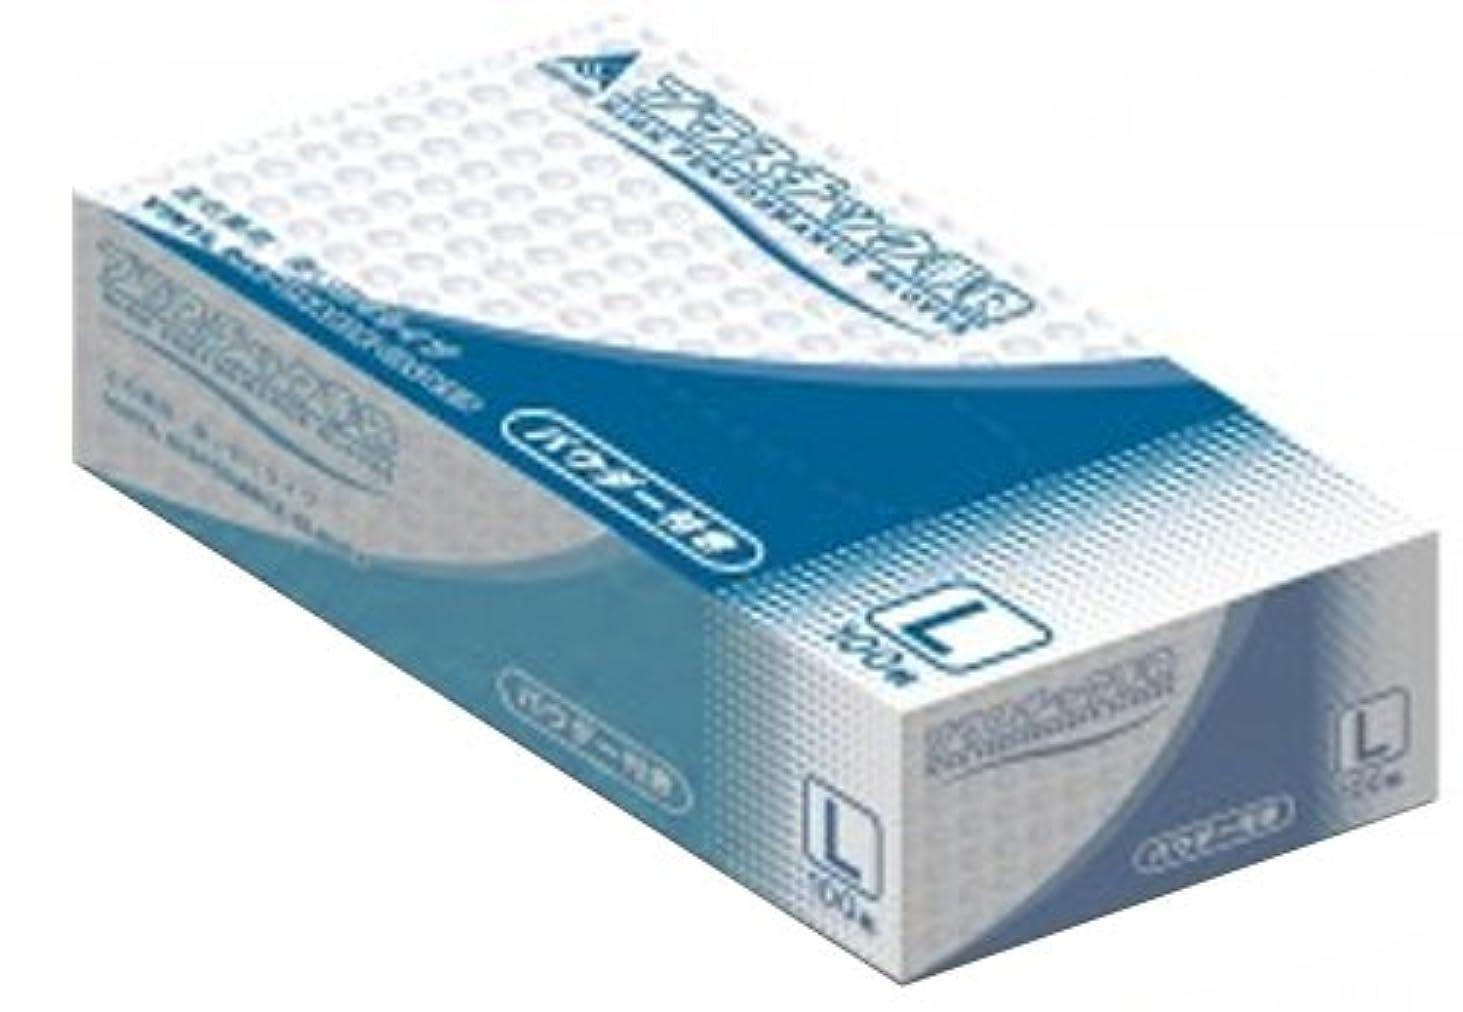 不調和行動放映フォーライフ プラスチック手袋(パウダー付) 100枚入 ×2個セット 2101-0400 L